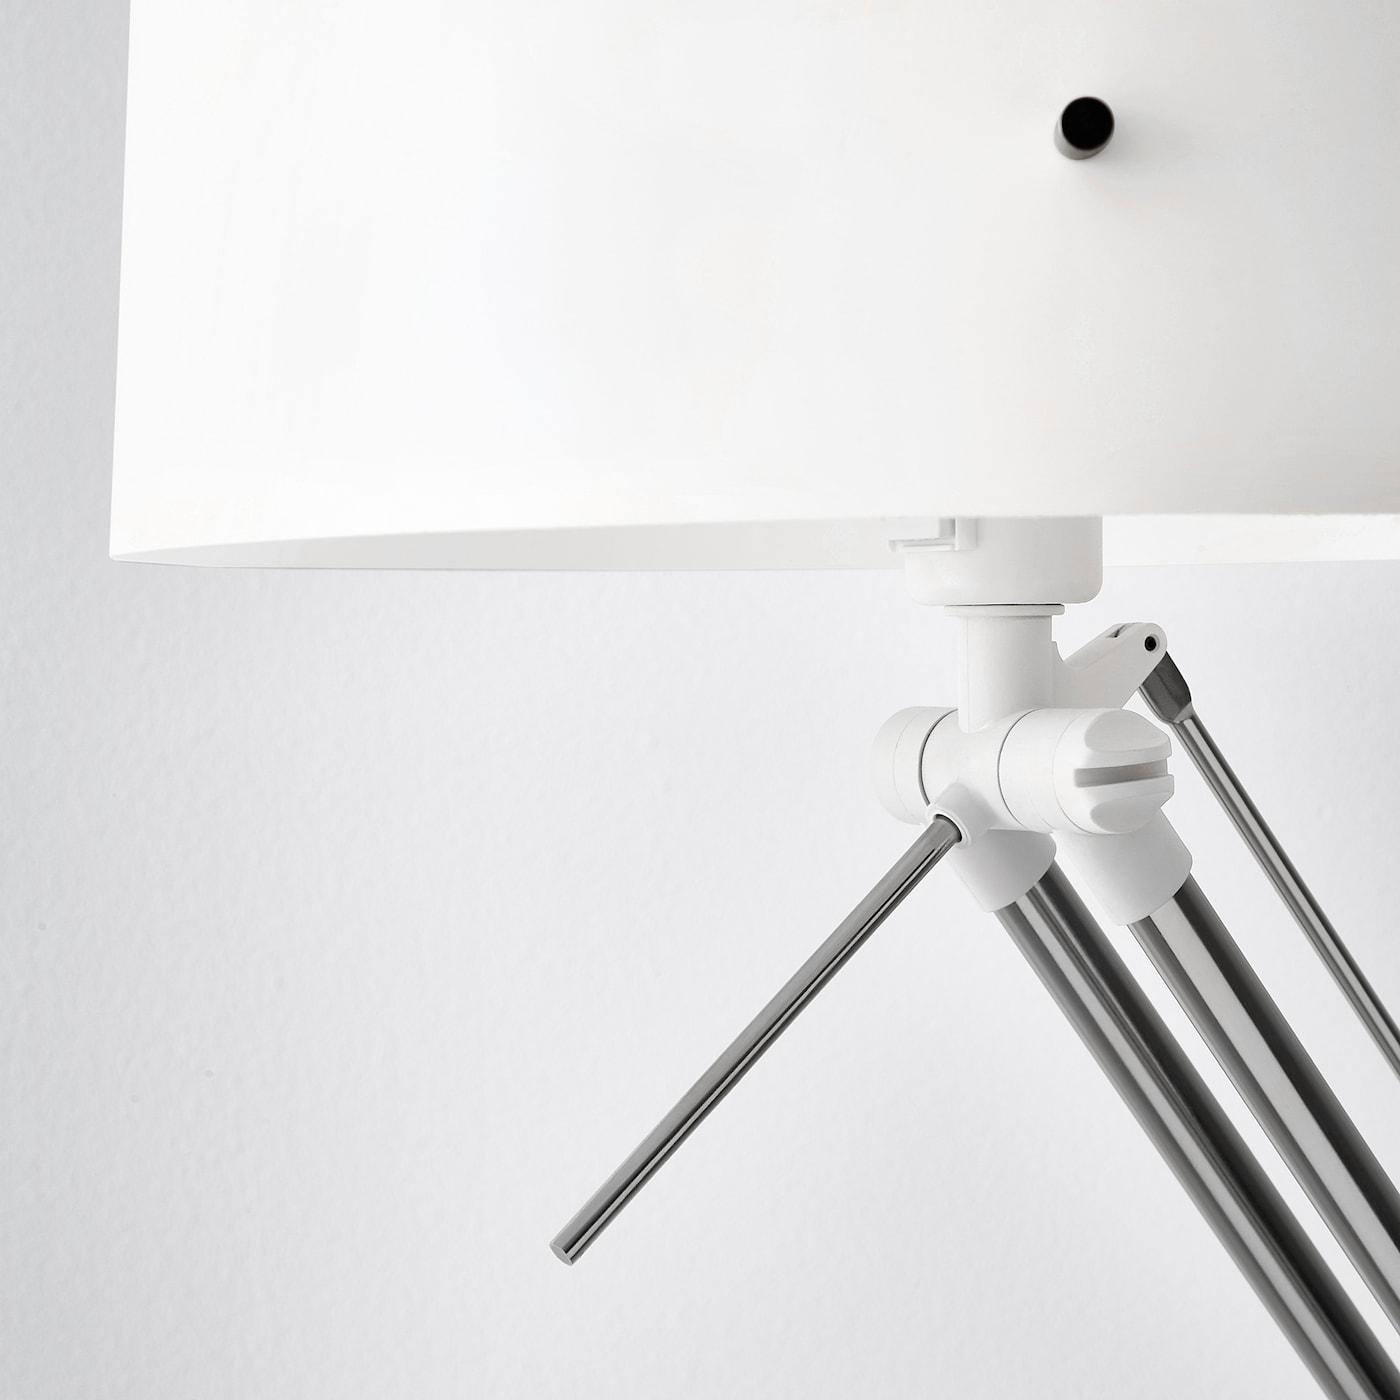 Ikea SAMTID Floorreading lamp